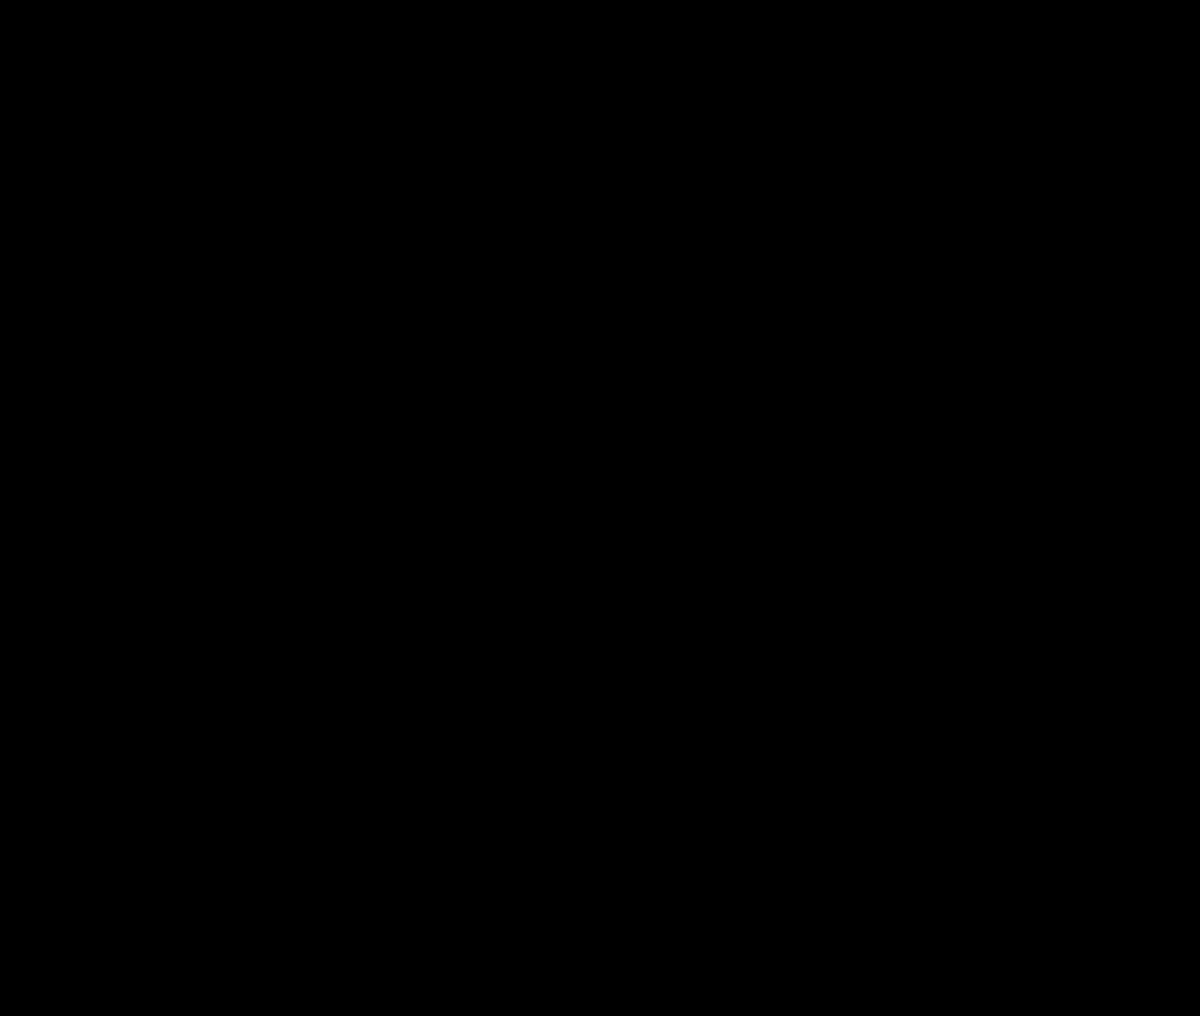 Ishikawa Diagram Template Ishikawa Diagram Wikipedia